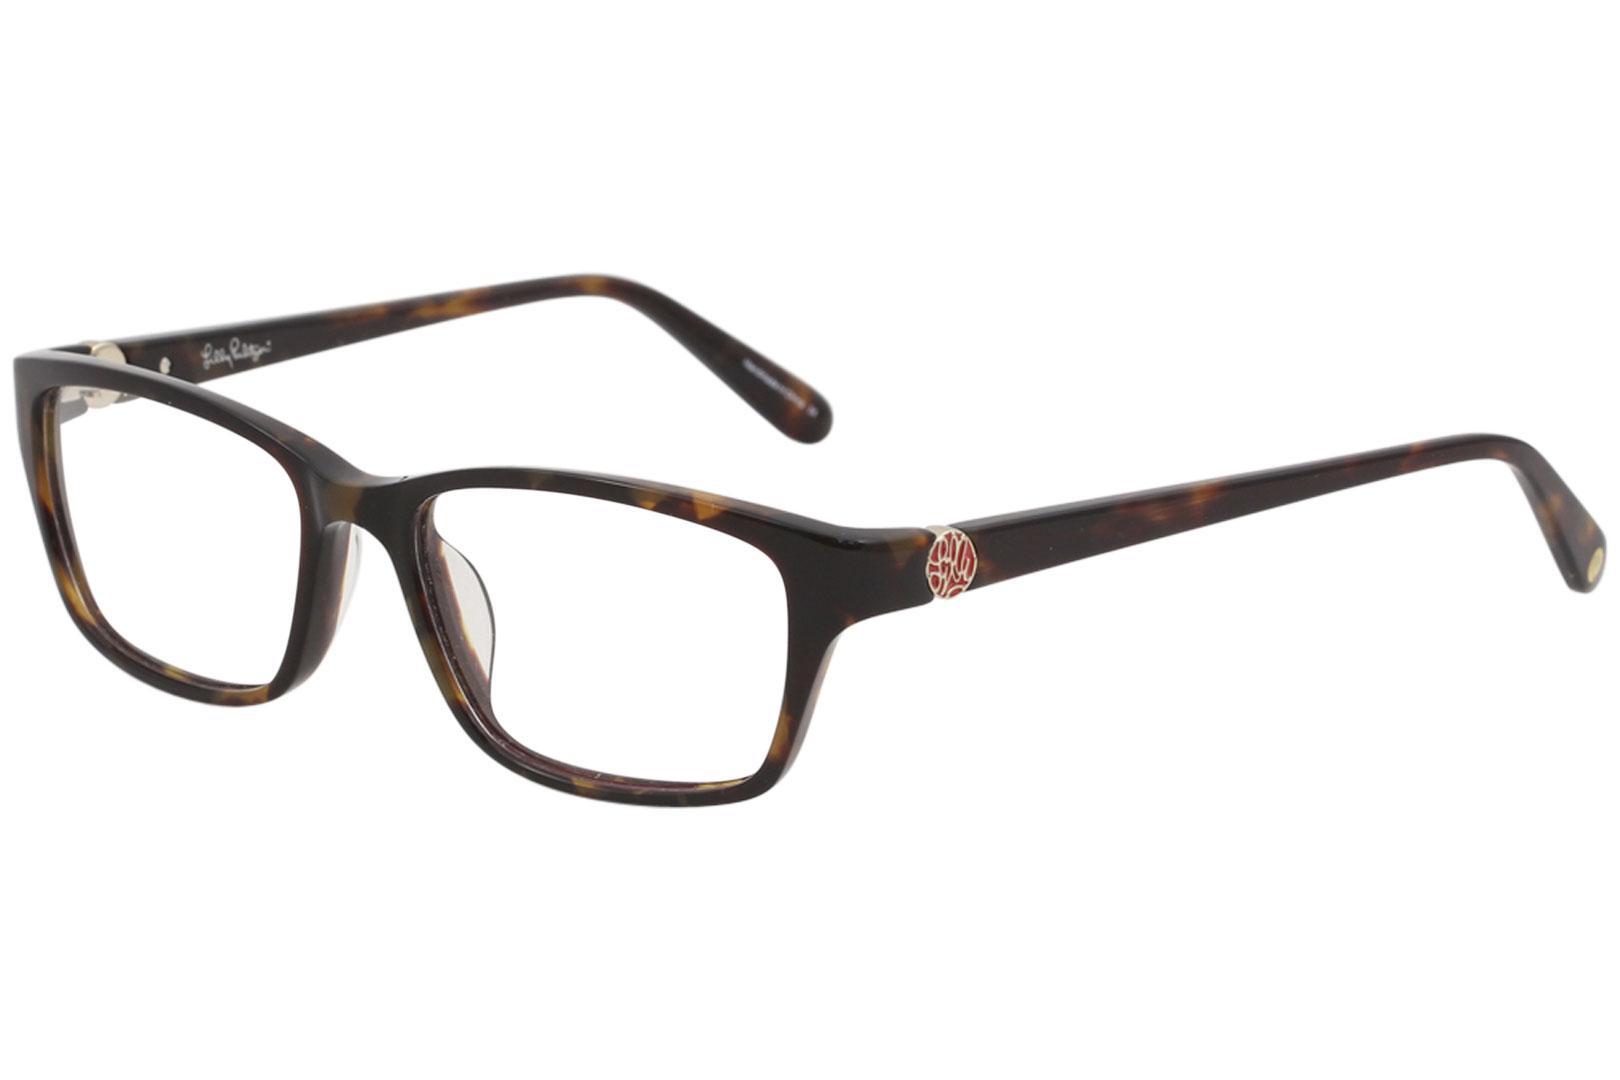 Image of Lilly Pulitzer Women's Eyeglasses Amberly Full Rim Optical Frame - Dark Tortoise   DT - Lens 51 Bridge 16 Temple 135mm